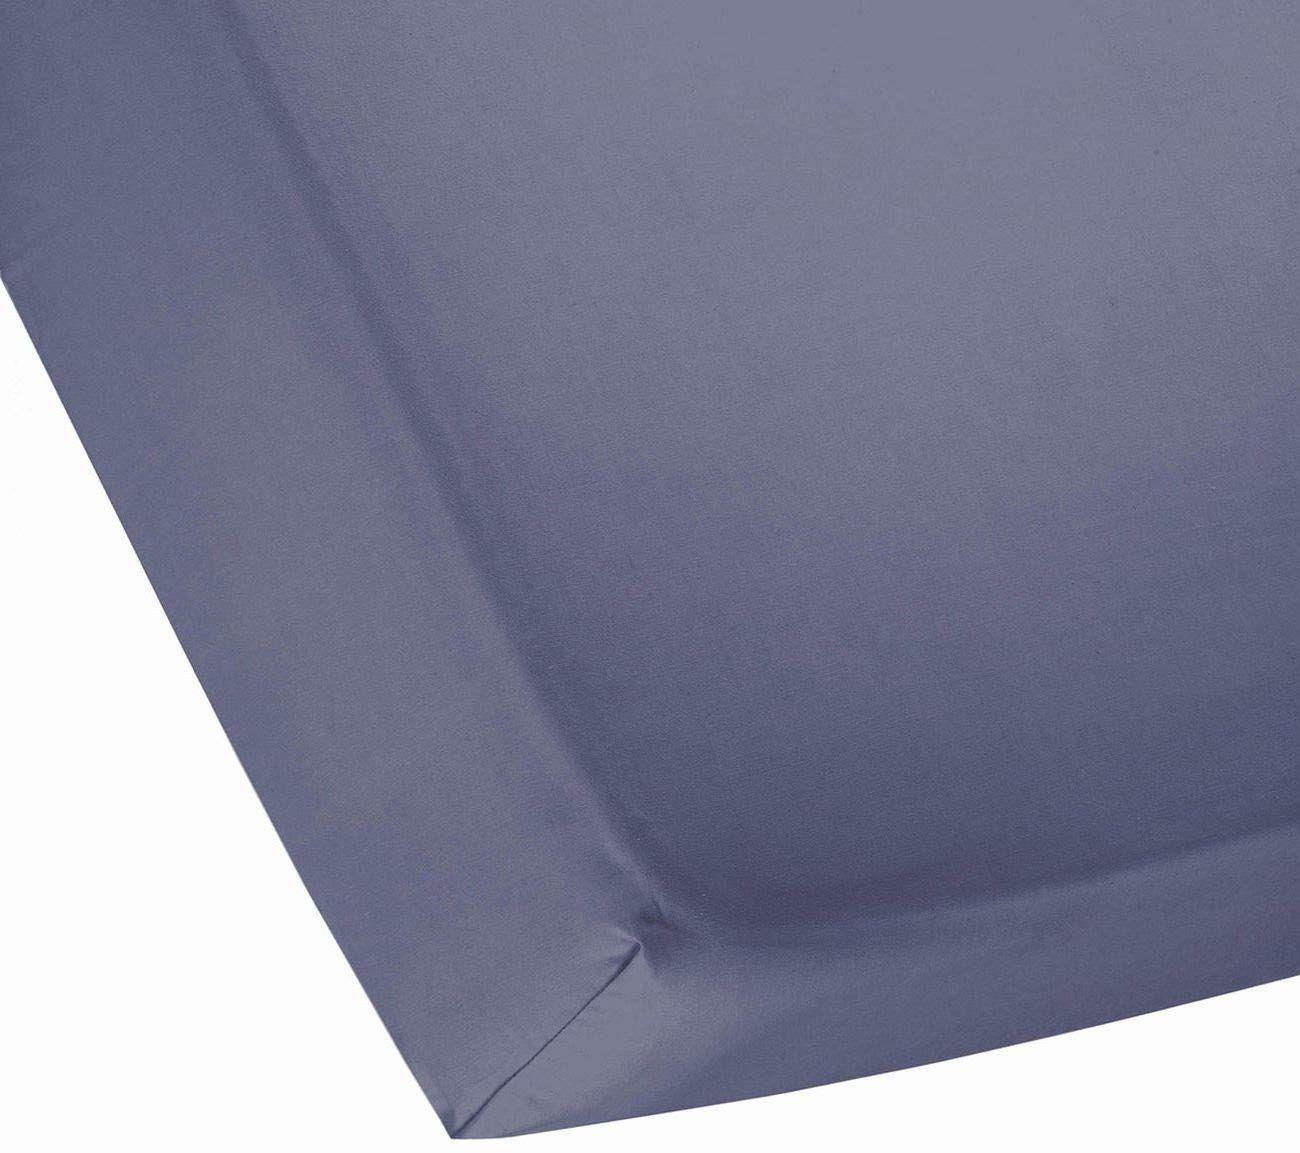 Cinderella A85580 prześcieradło z gumką, ciemnoniebieskie, 180 x 25 x 200 cm